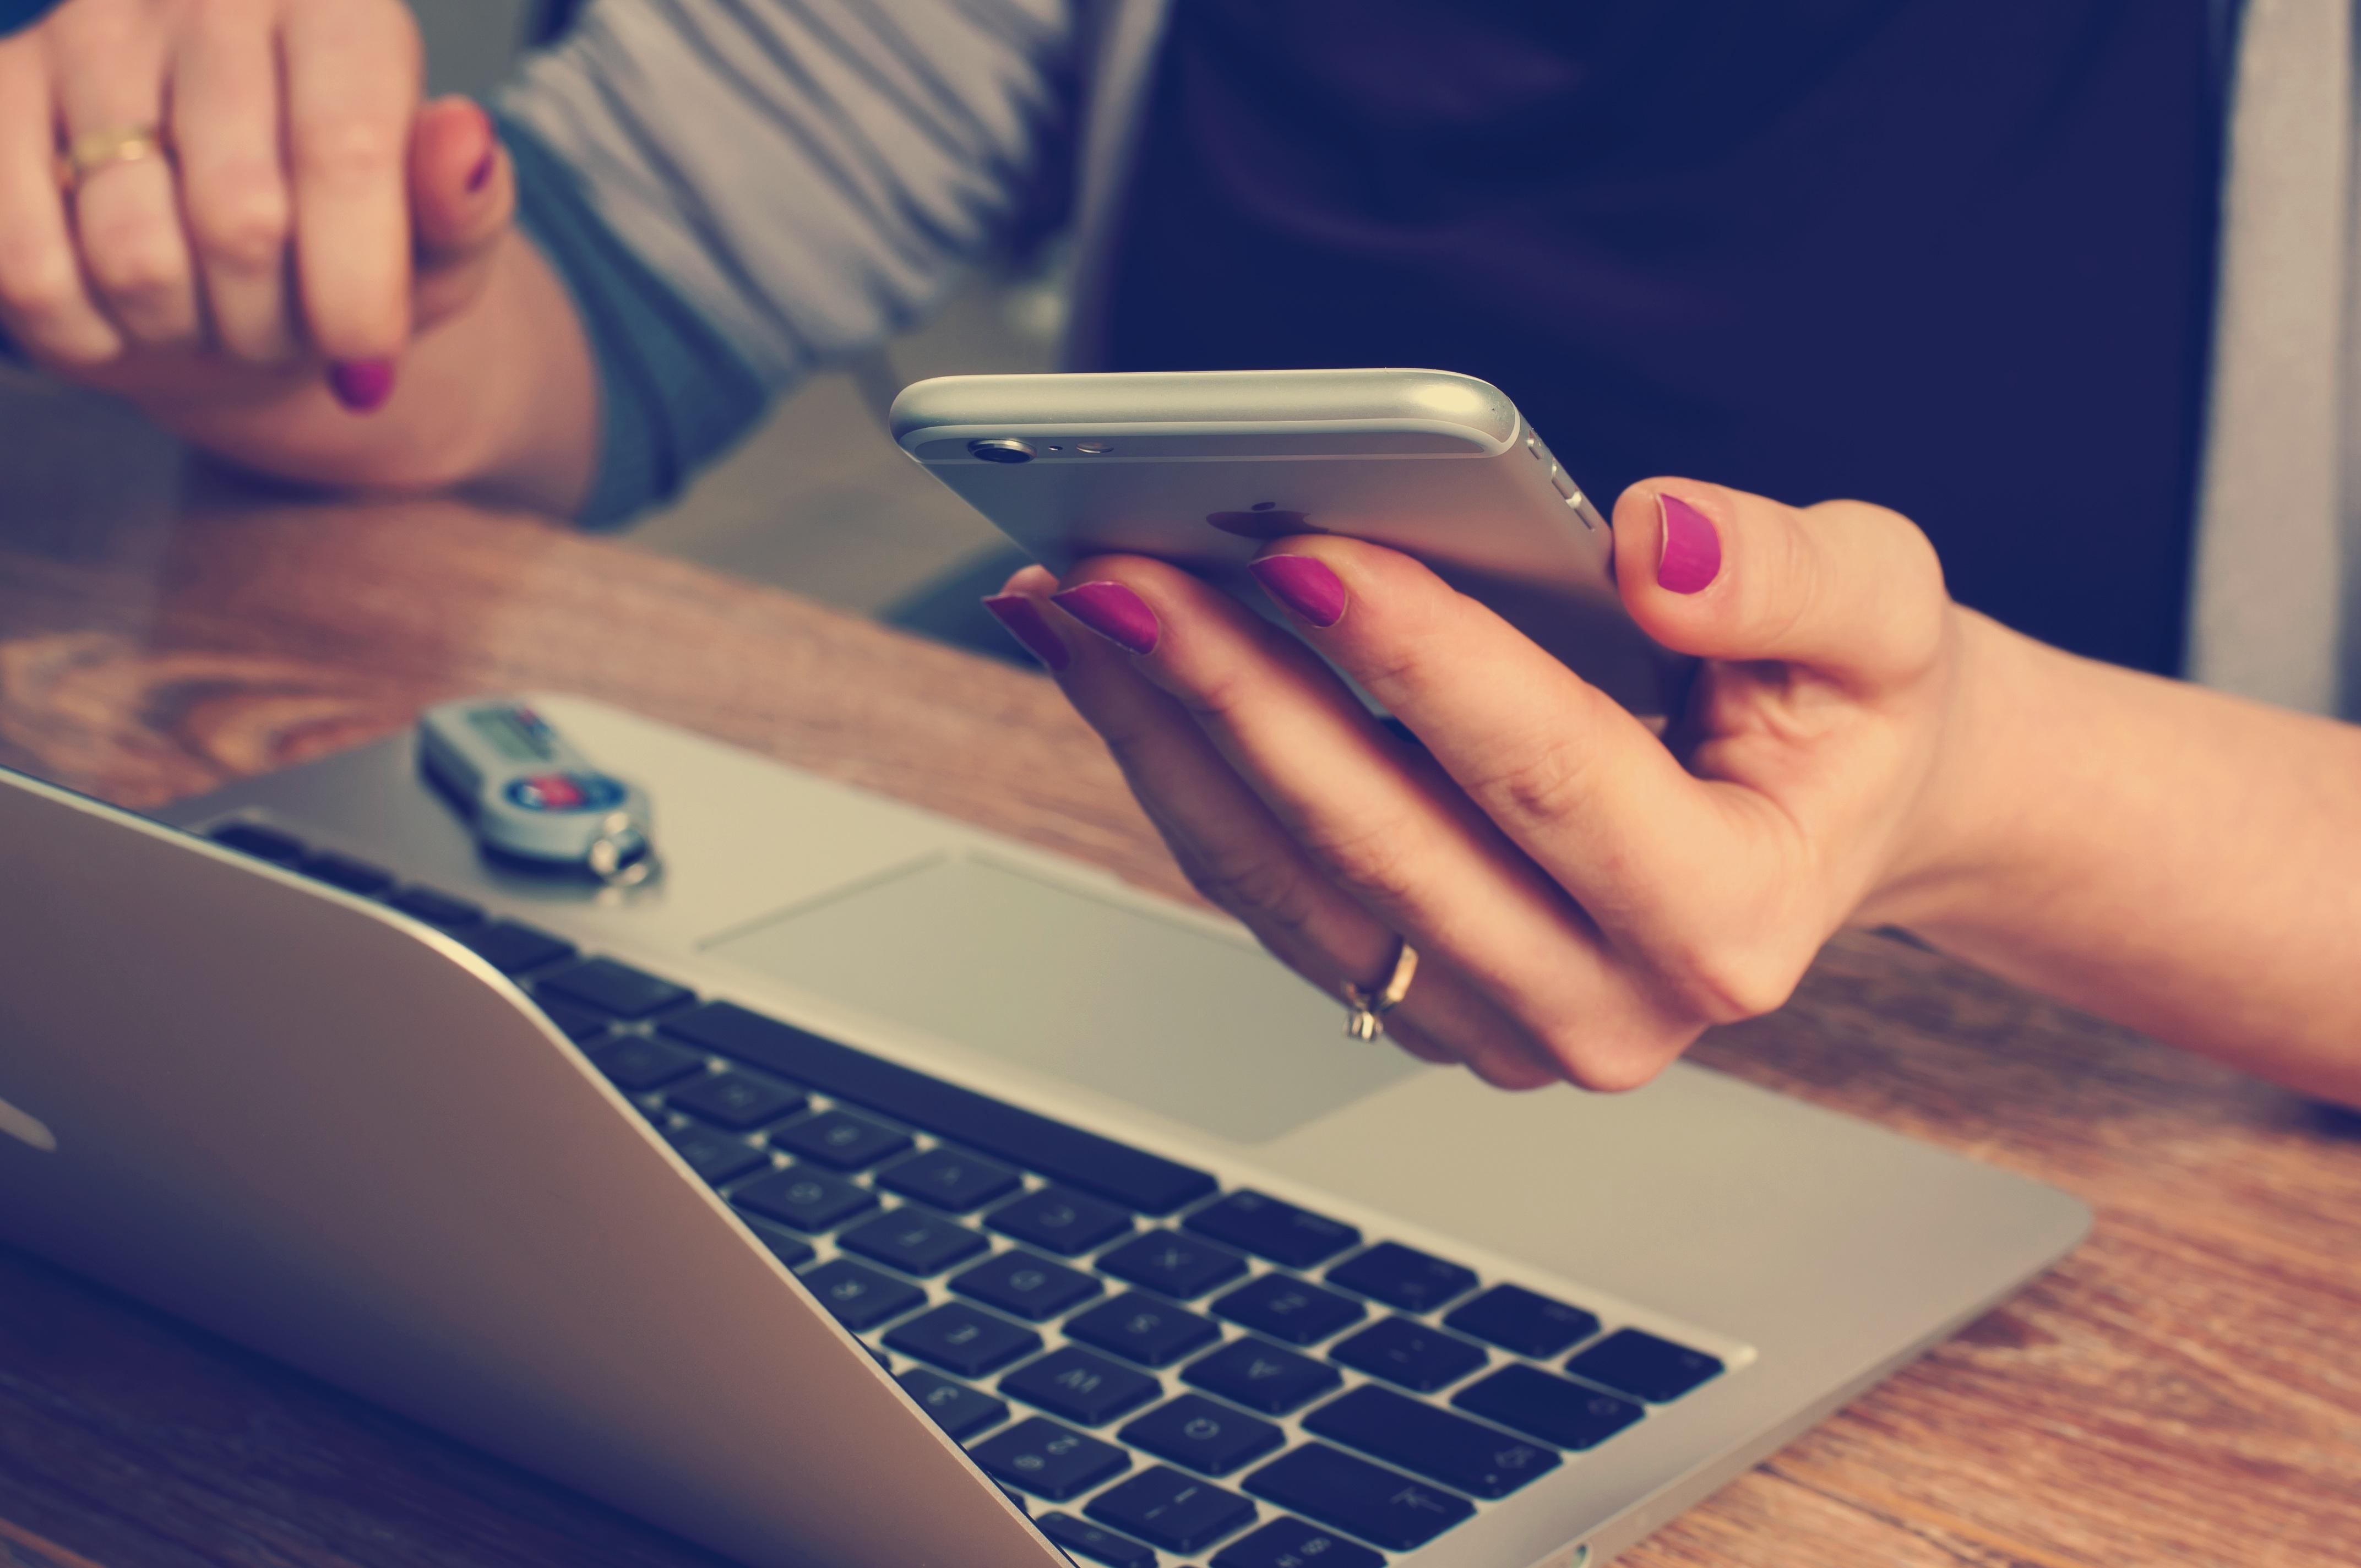 La dipendenza televisiva: 5 modi per riconoscerla